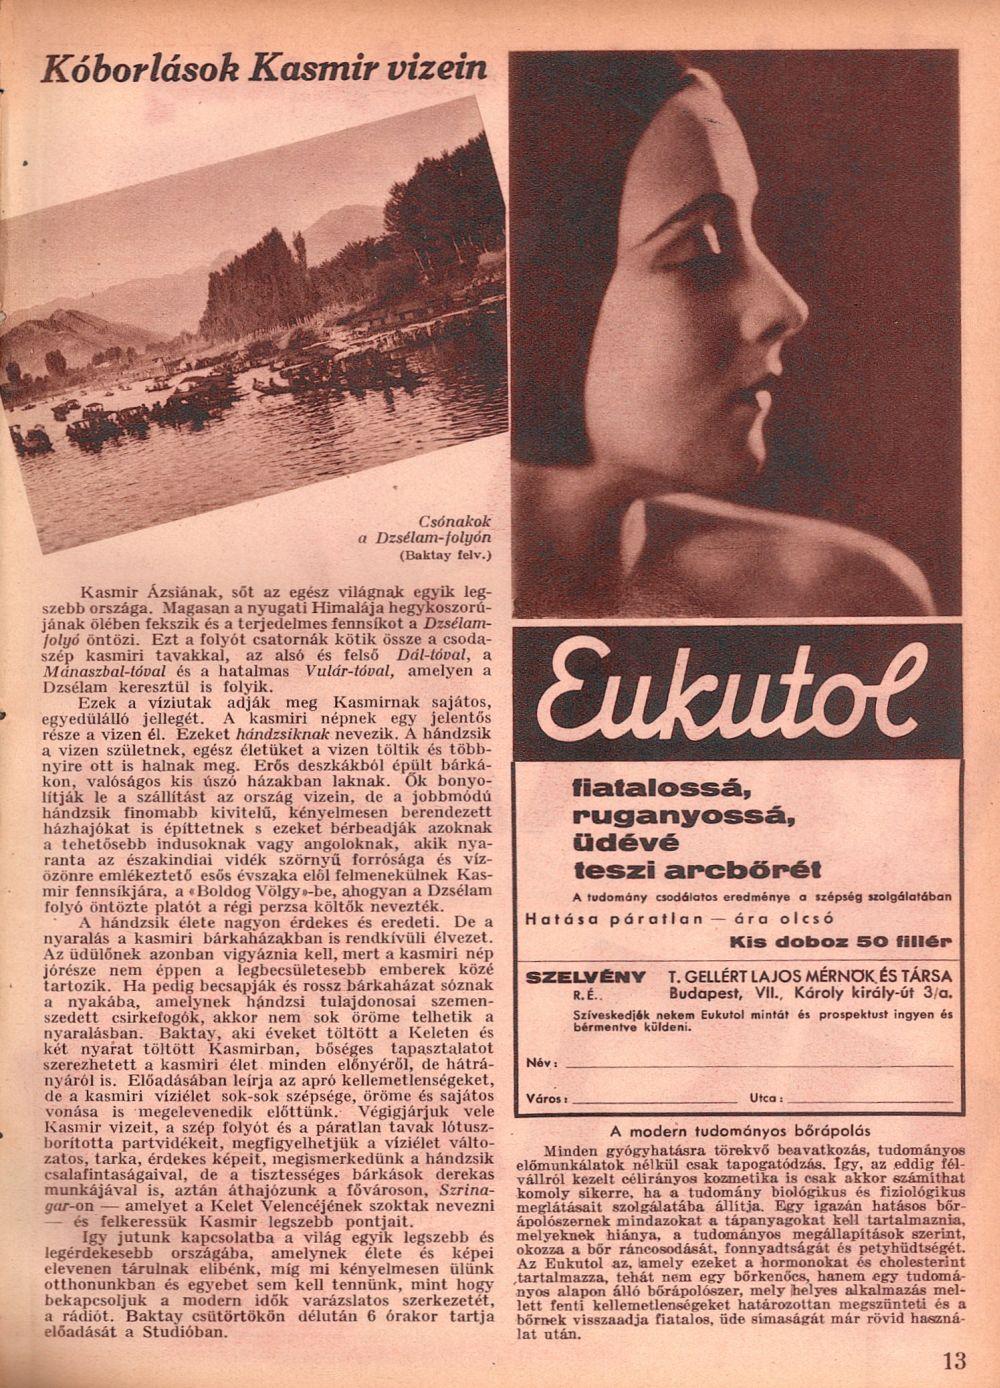 Kóborlások Kasmír vizein. = Rádióélet. 1933. aug. 25. (35. sz.) p. 13.